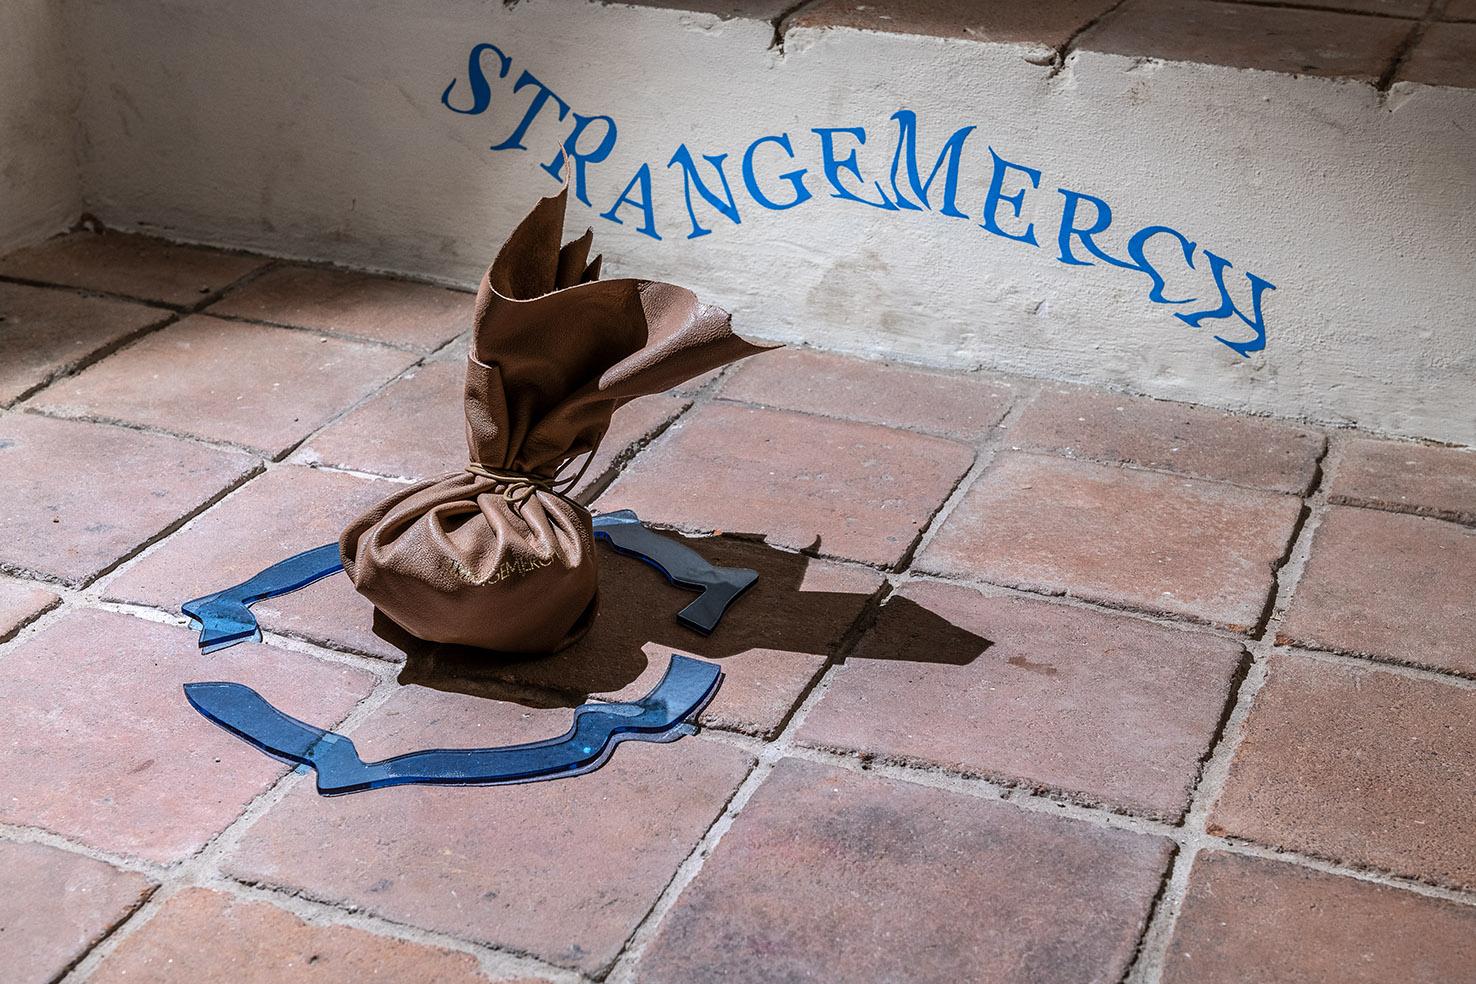 Strangemerch_012